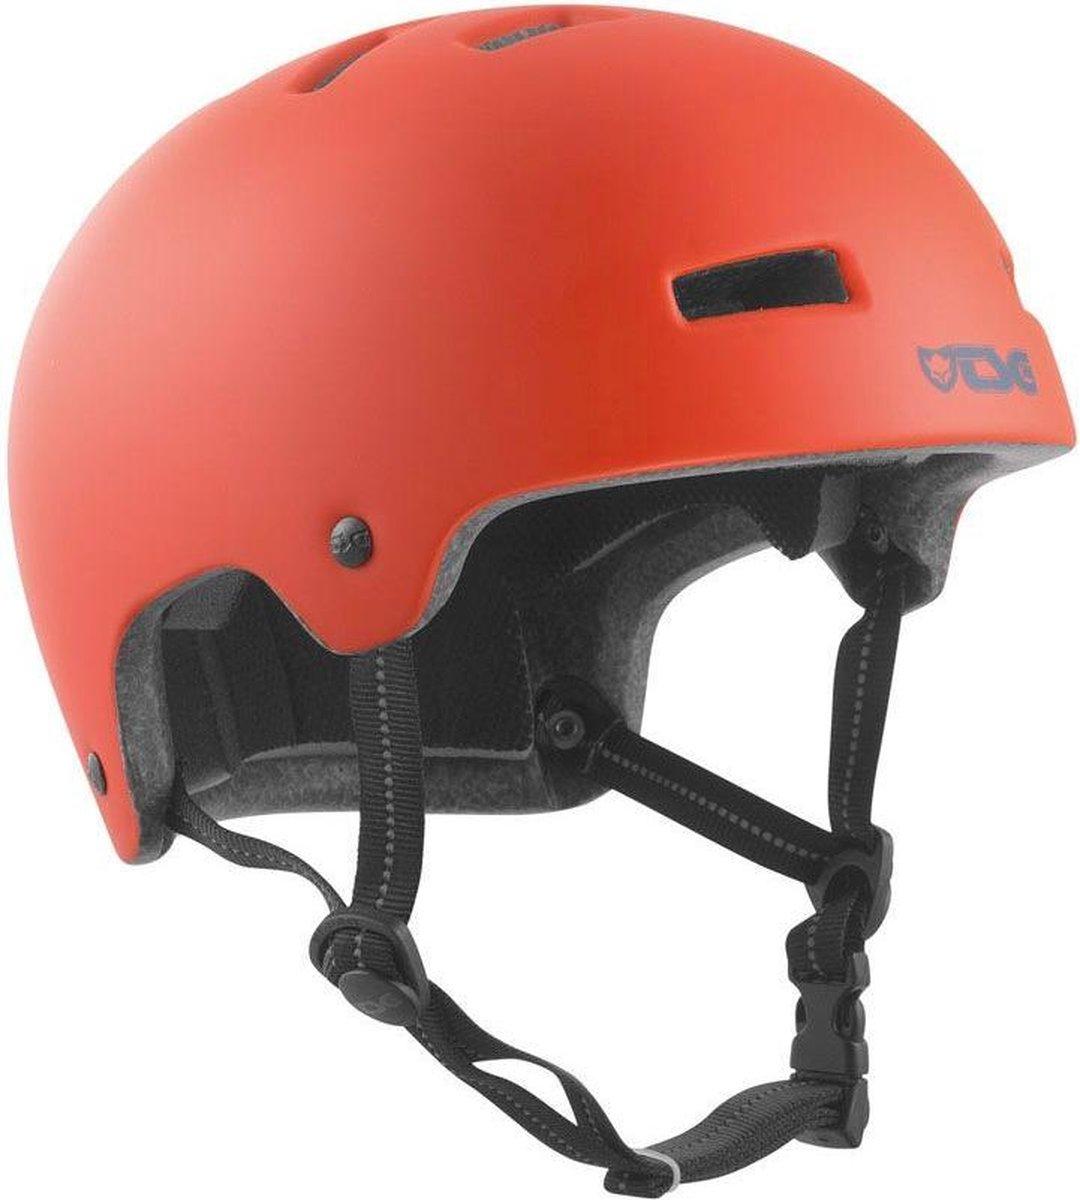 TSG Skatehelm Nipper Poppy Orange | 52-54cm